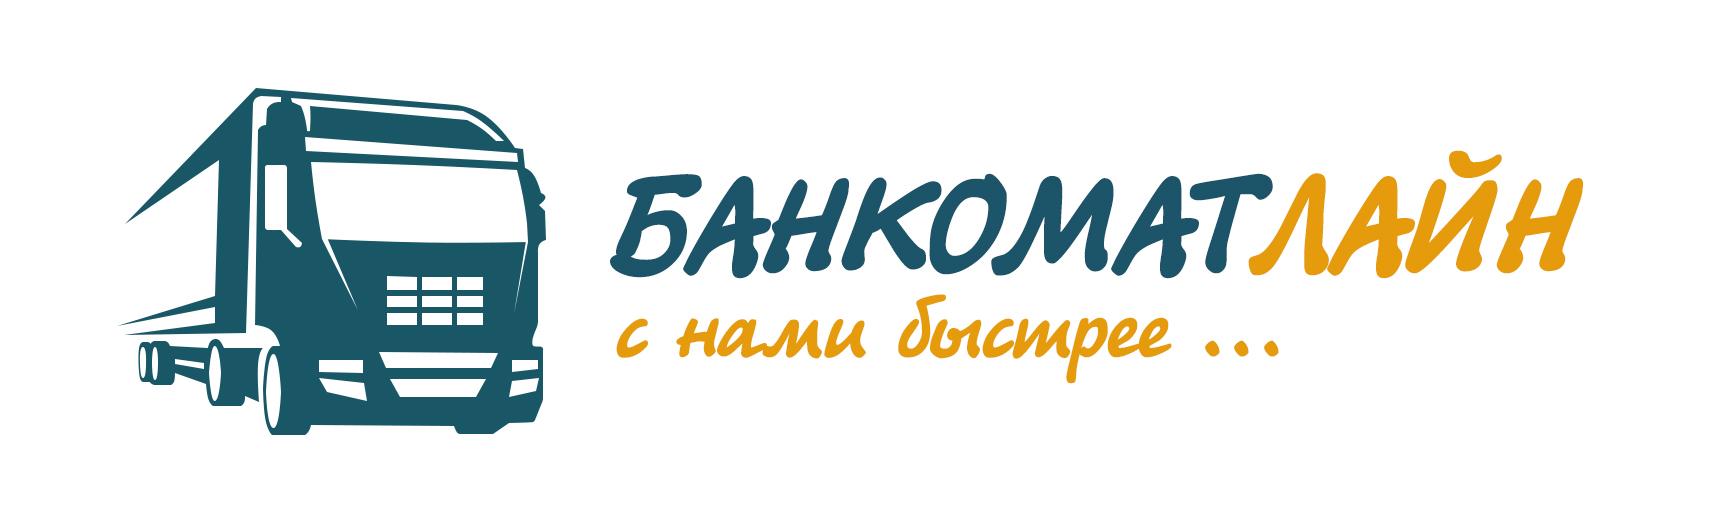 Разработка логотипа и слогана для транспортной компании фото f_425588a16cee8b48.jpg